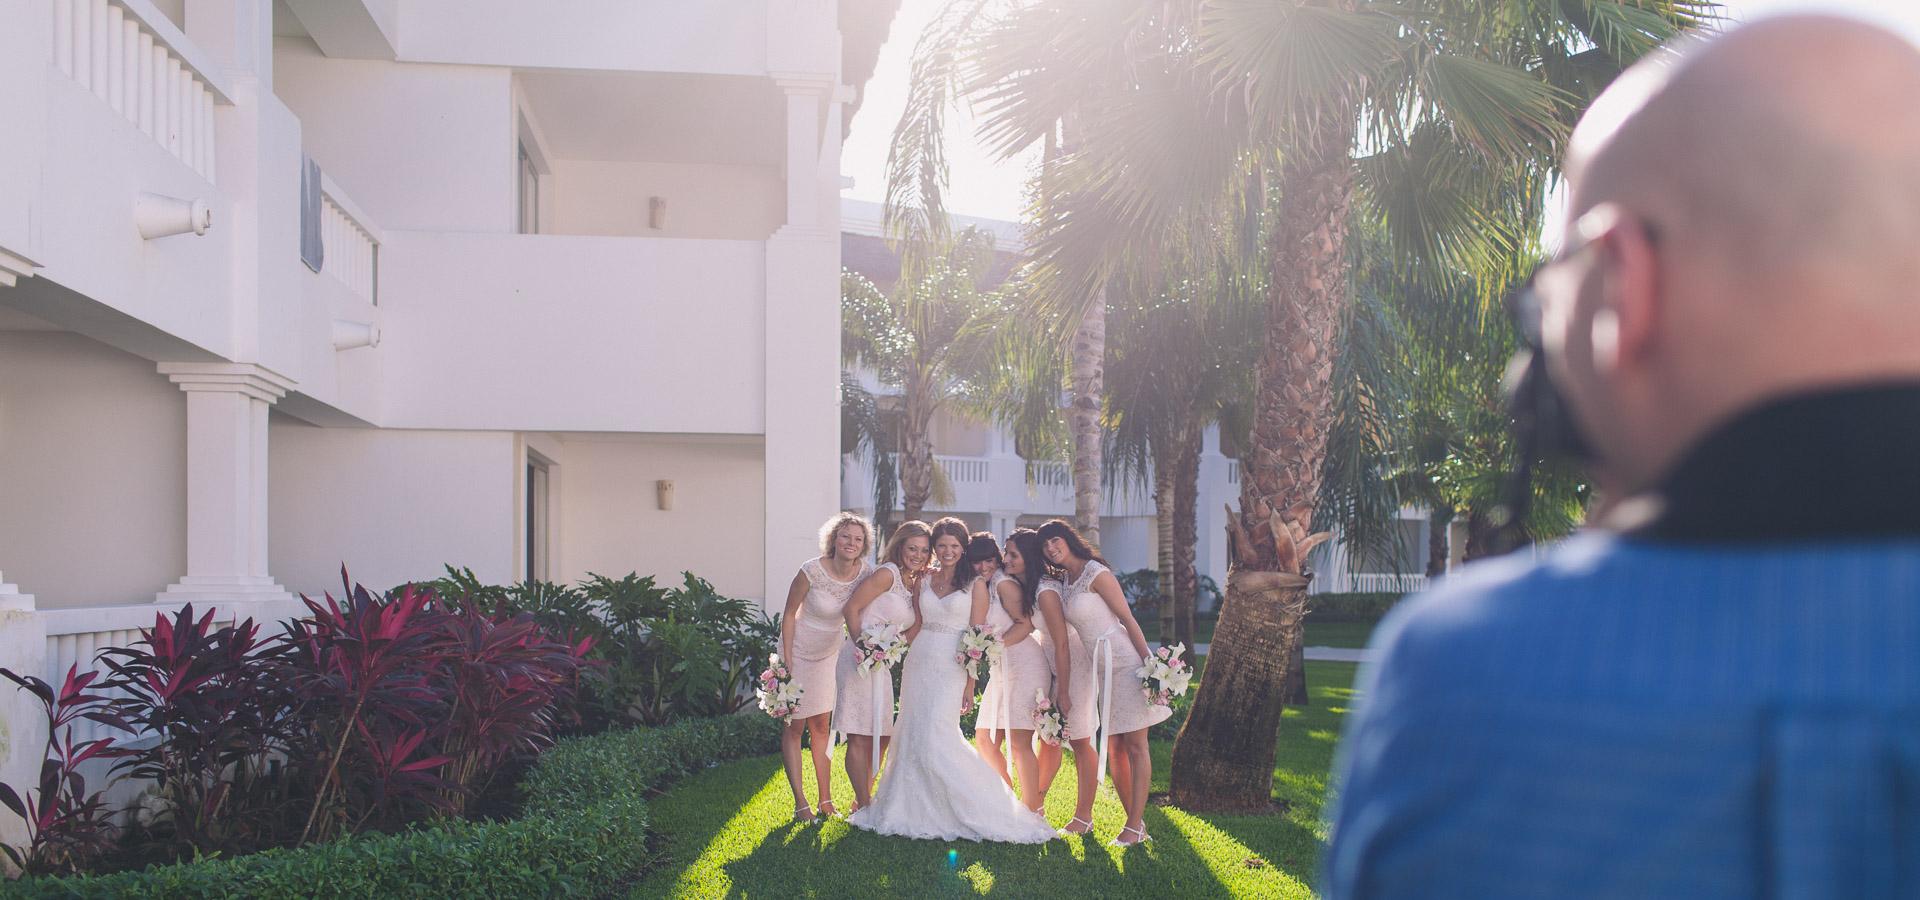 Weddings Behind the Scenes Image 1